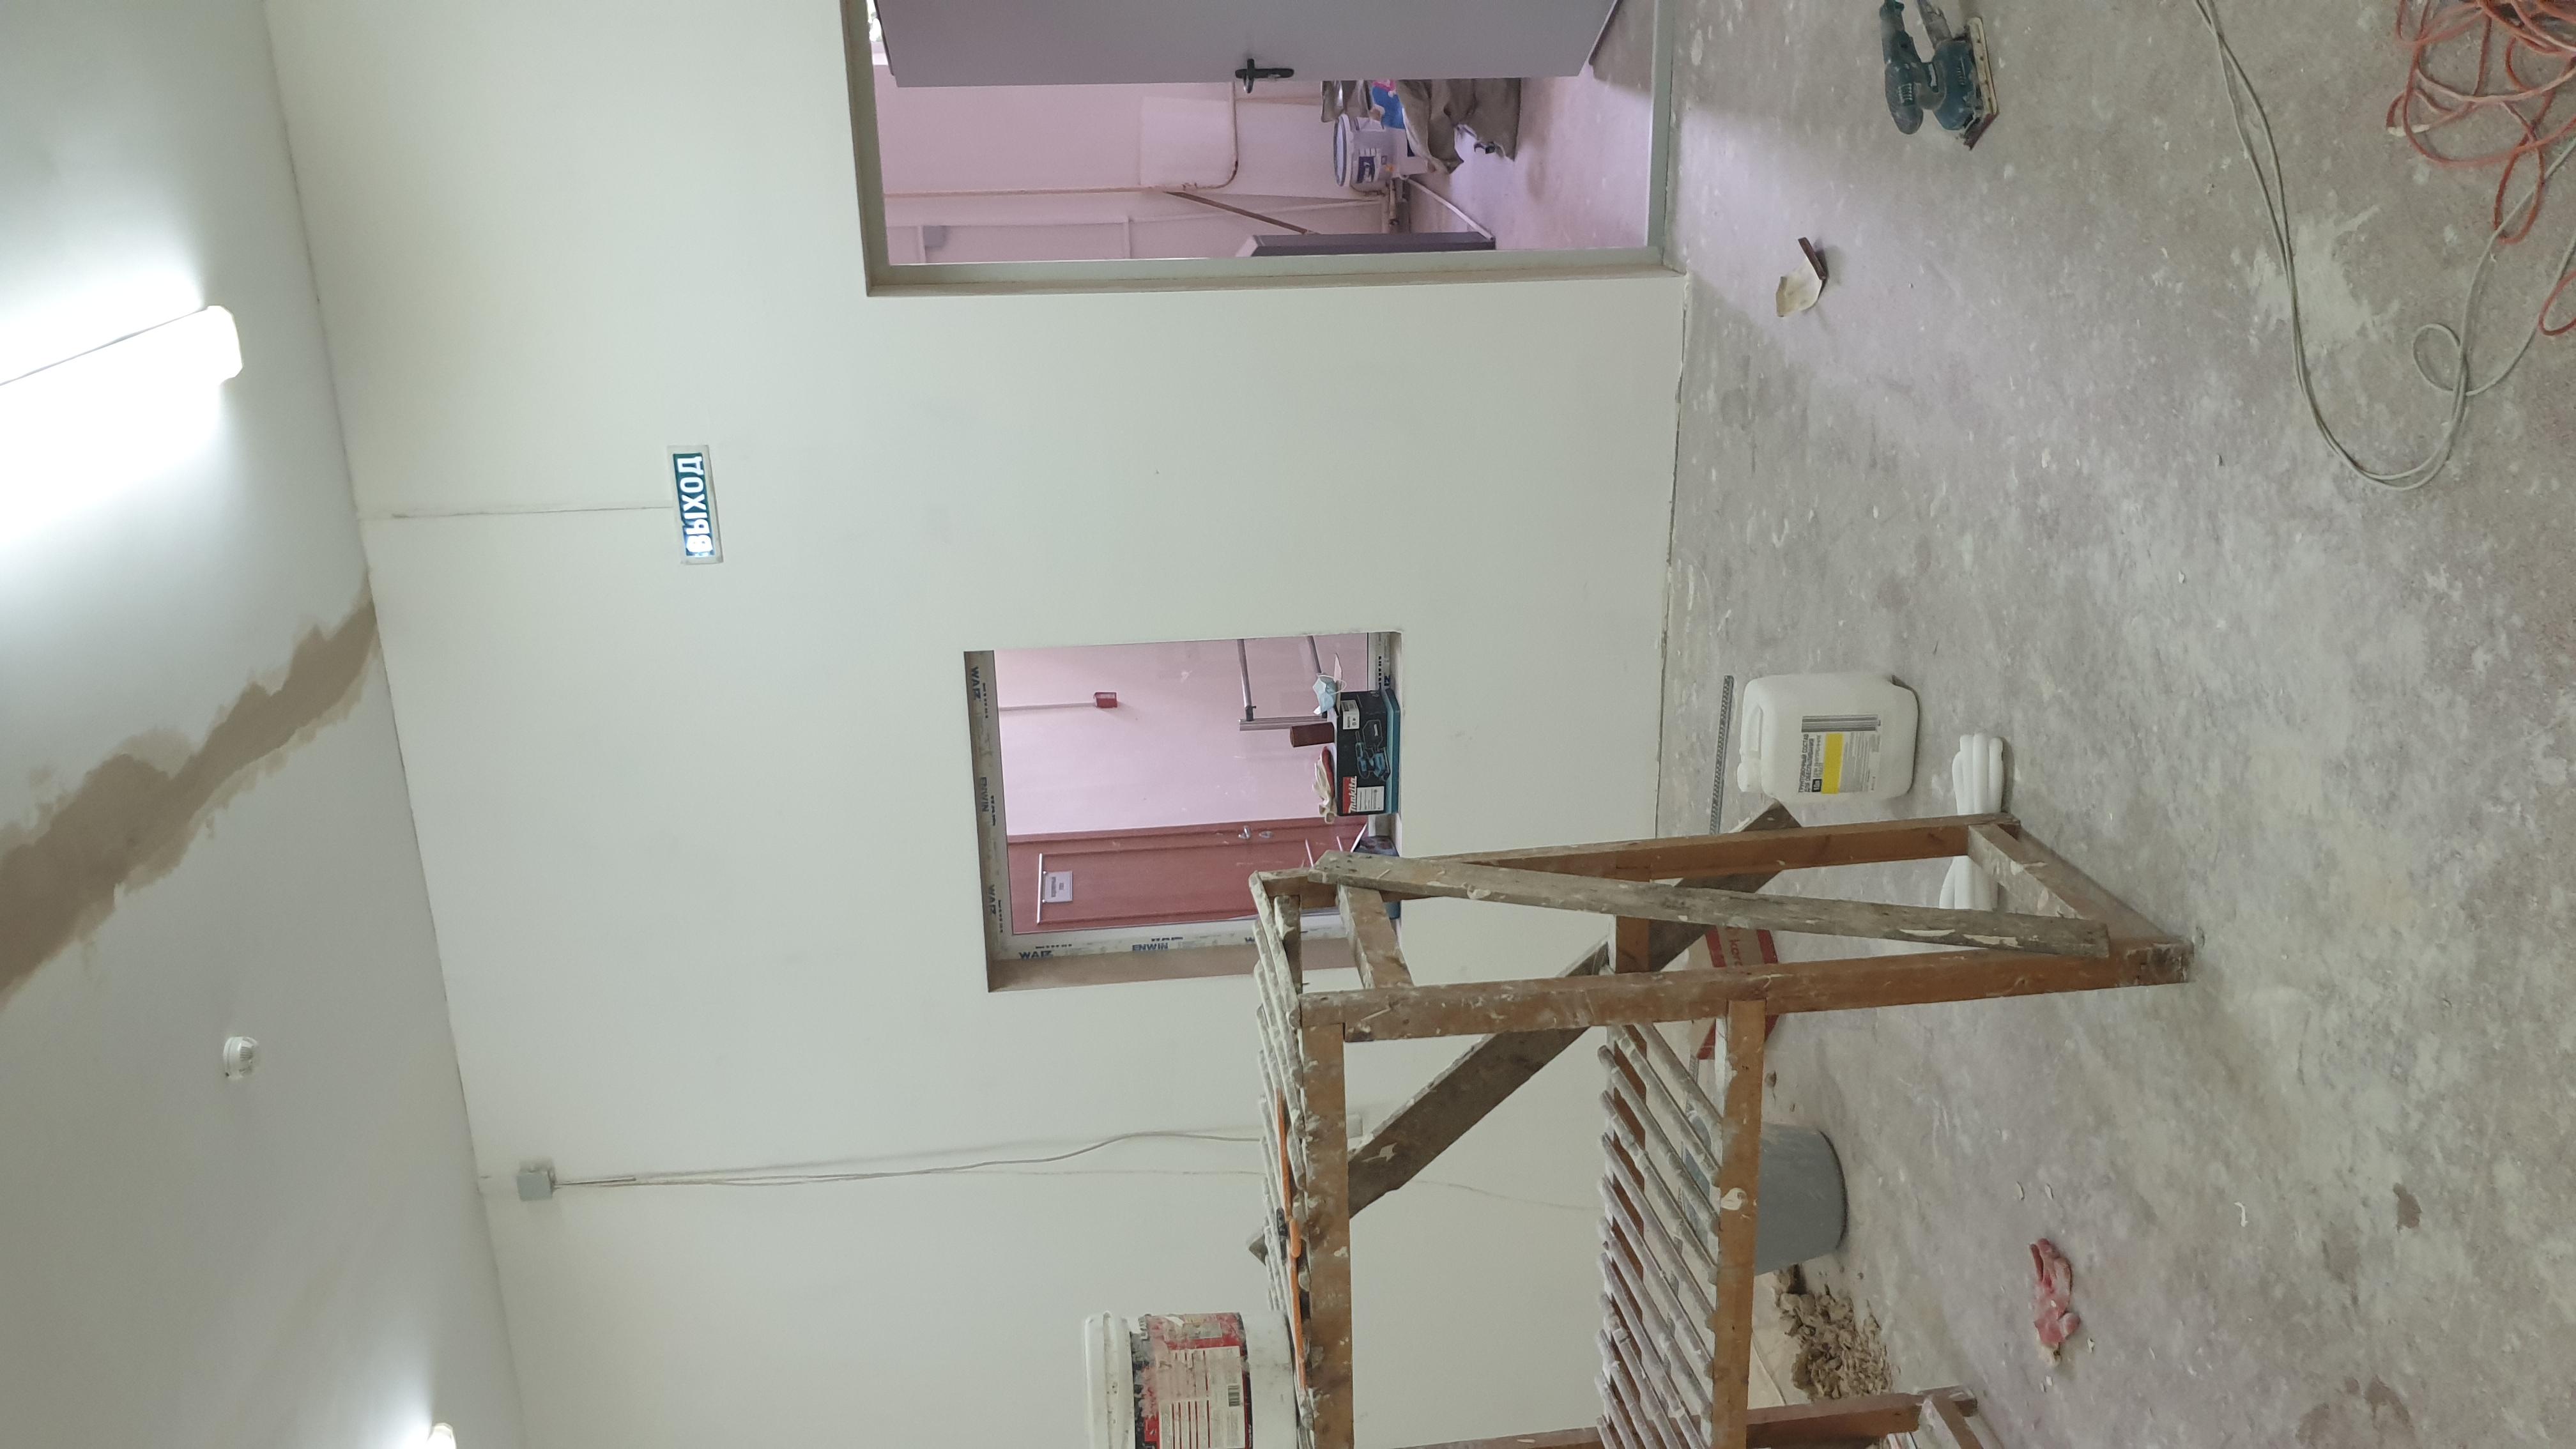 Подходит к завершению ремонт на Театральной аллее